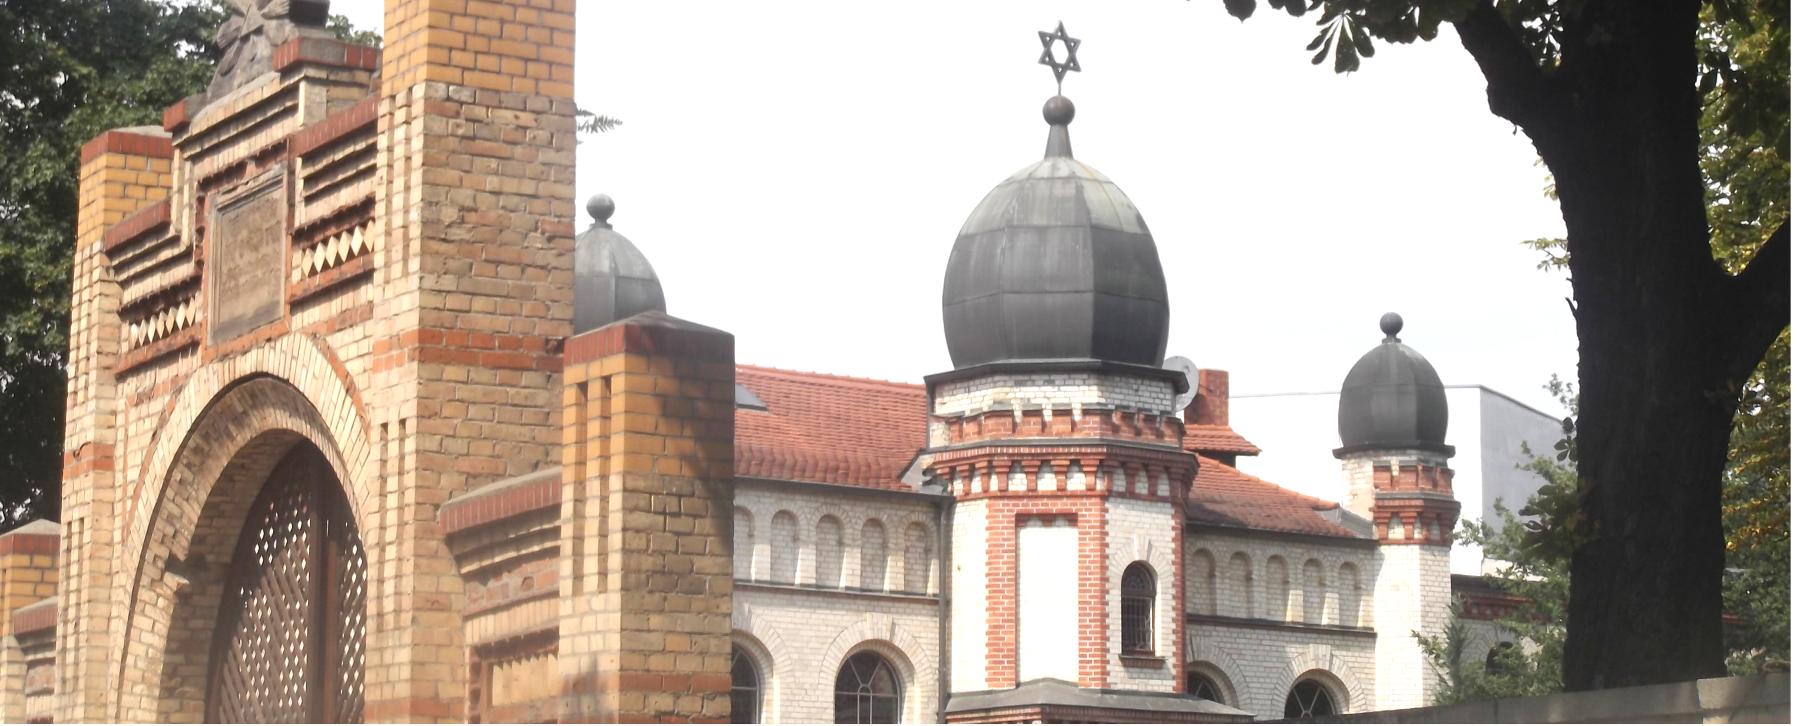 Jüdische Kulturtage in Halle 2019 Vom 27.10.-29.11.2019